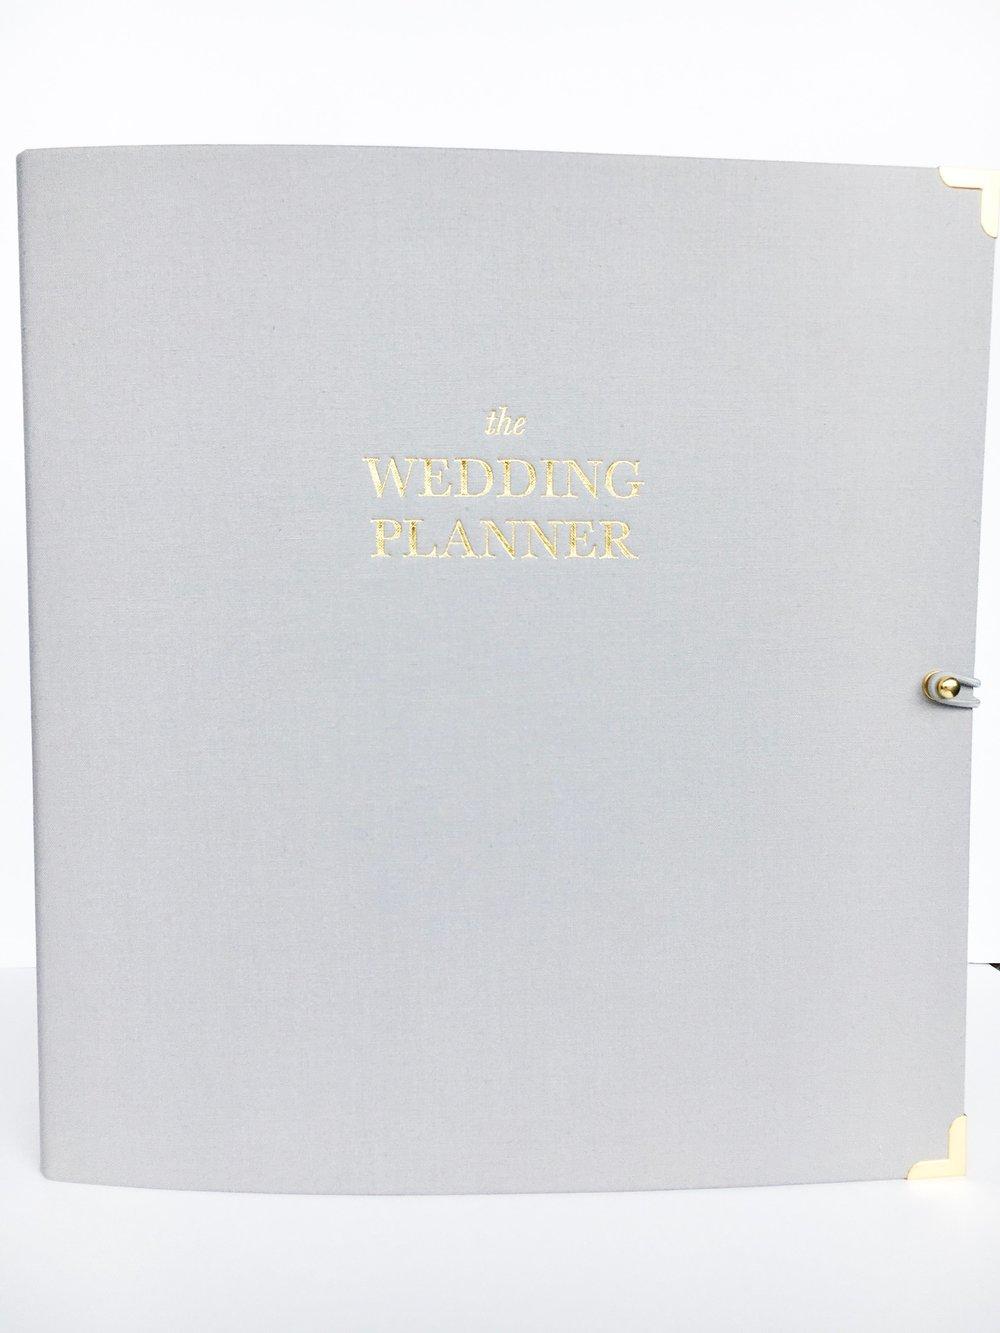 Wedding Planner by Sugar Paper LA, $65